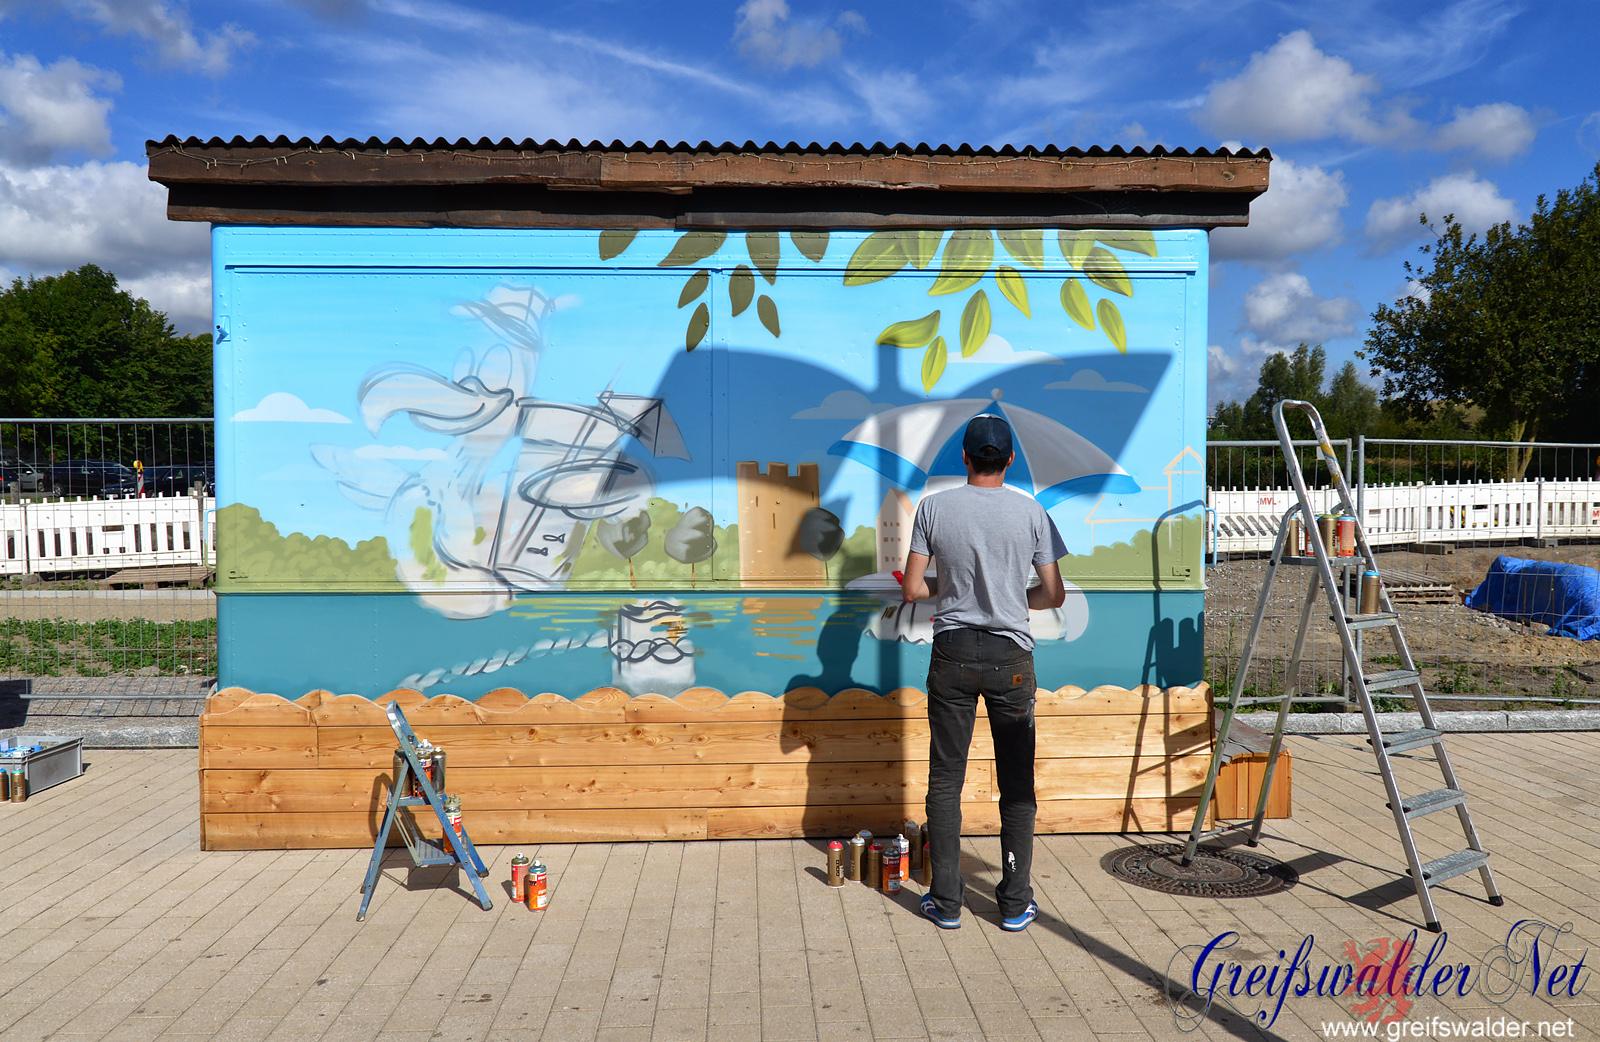 Graffiti entsteht am Museumshafen in Greifswald